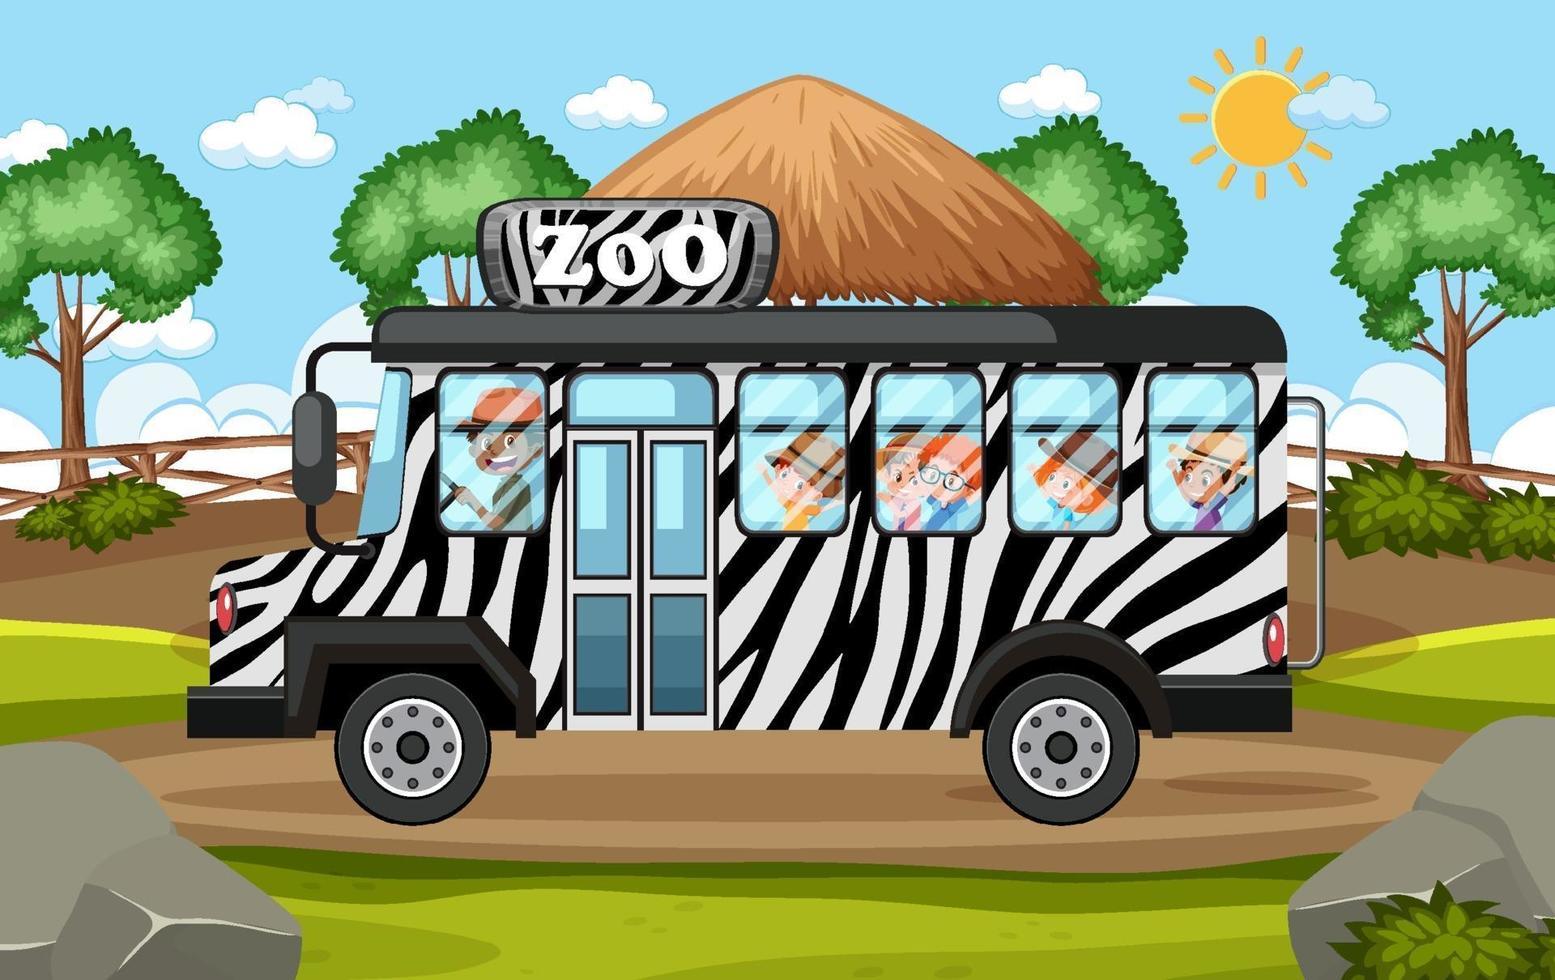 i bambini in automobile turistica esplorano nella scena dello zoo vettore